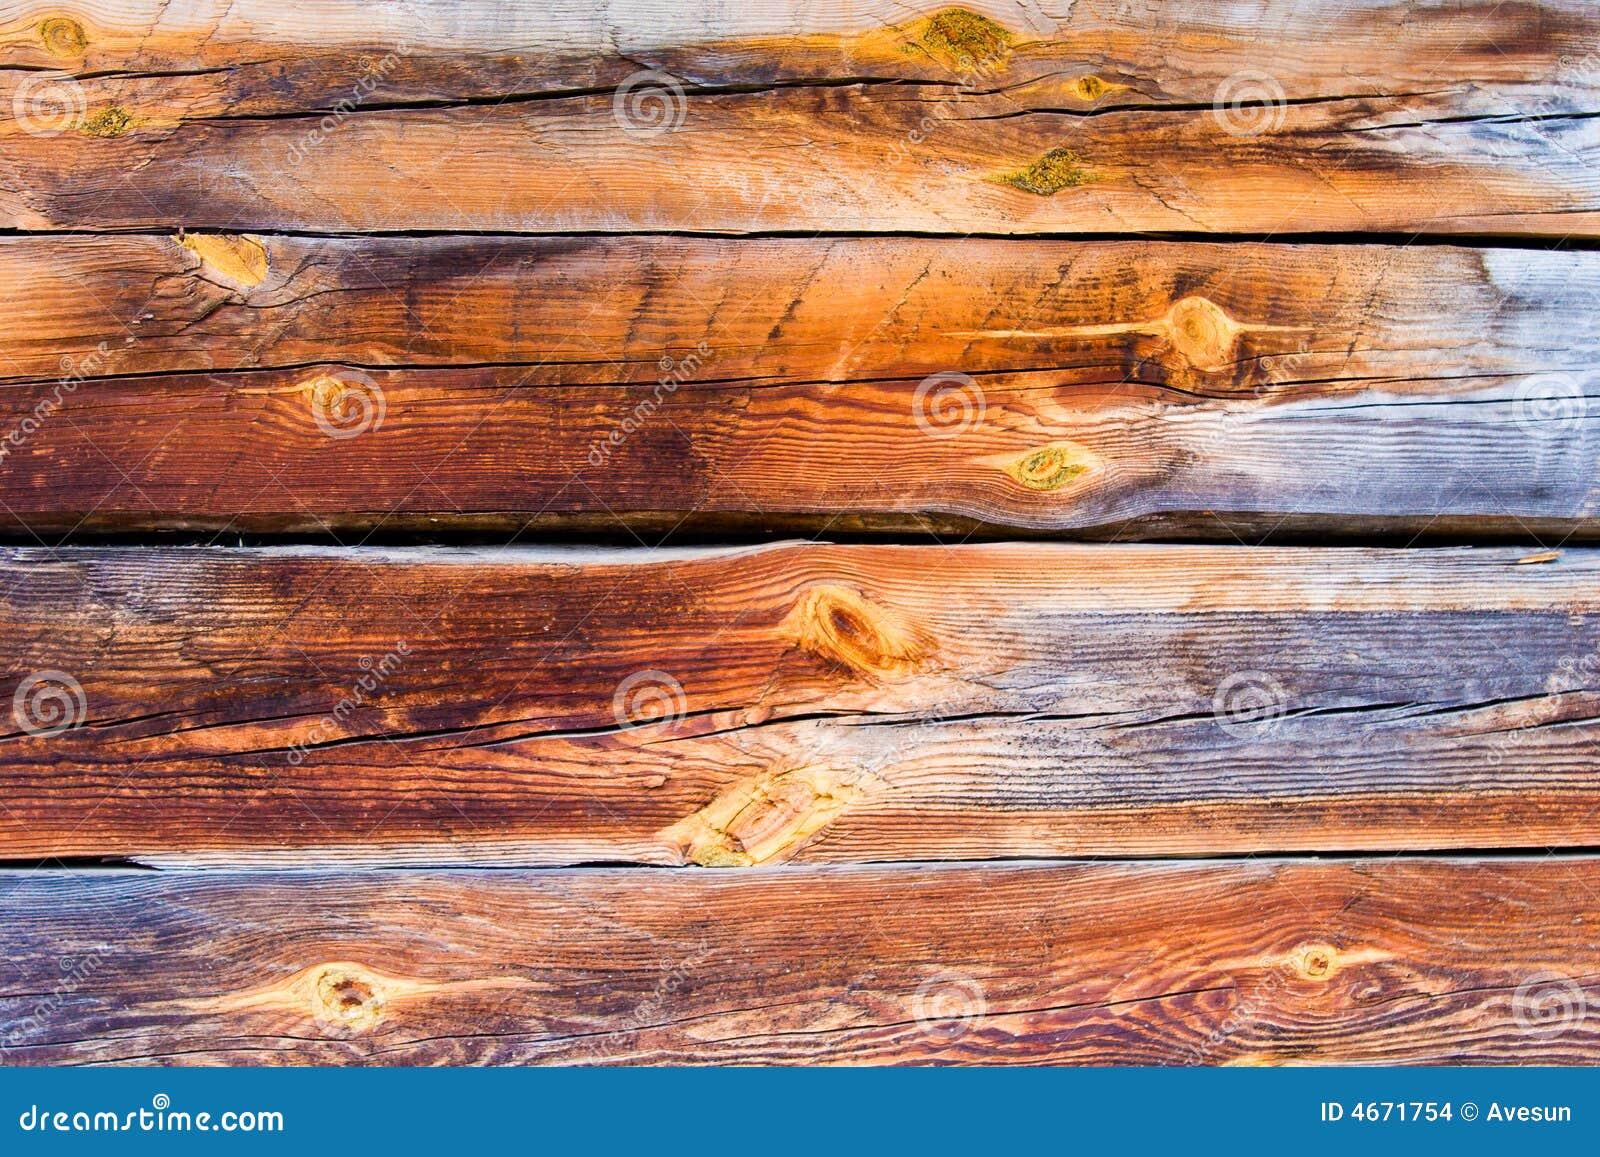 Papel De Parede De Madeira Abstrato Imagens de Stock Imagem: 4671754 #AC621F 1300x957